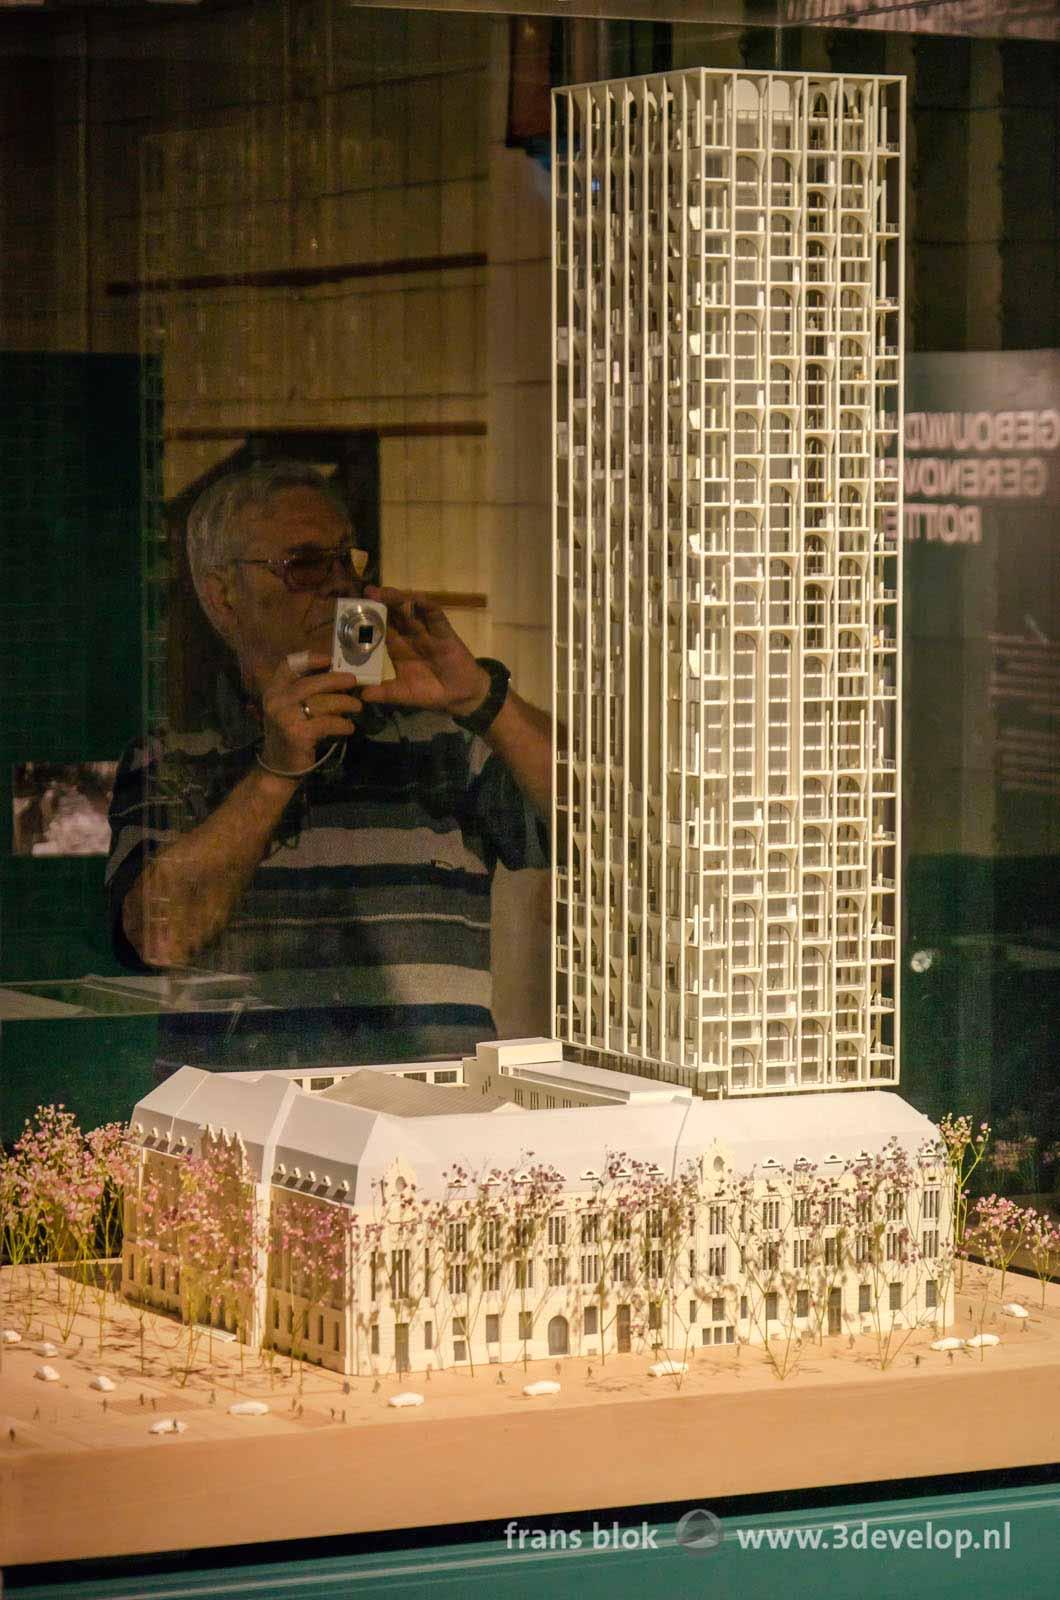 Een bezoeker maakt een foto van de nieuwbouw op het Postkantoor aan de Coolsingel in Rotterdam, op een tentoonstelling in datzelfde Postkantoor.